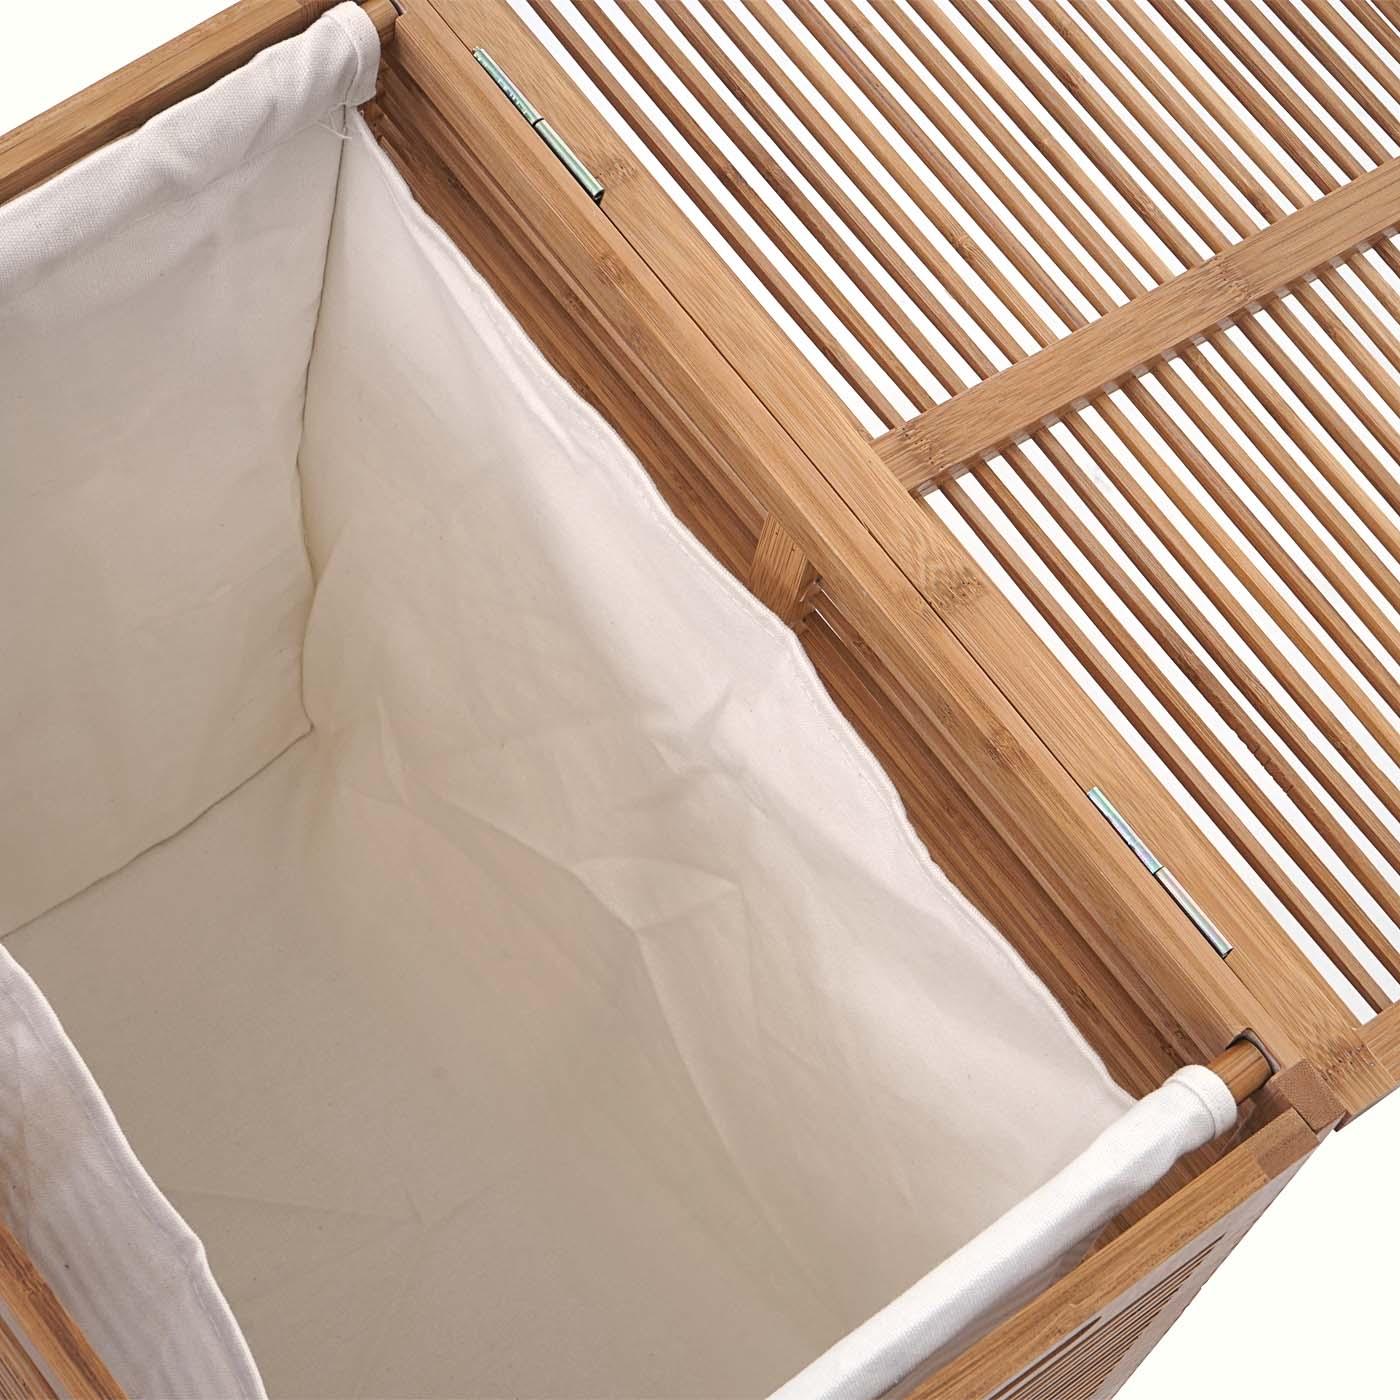 w schetruhe hwc b18 w schebox w schekorb w schesammler bambus 61x50x35cm. Black Bedroom Furniture Sets. Home Design Ideas